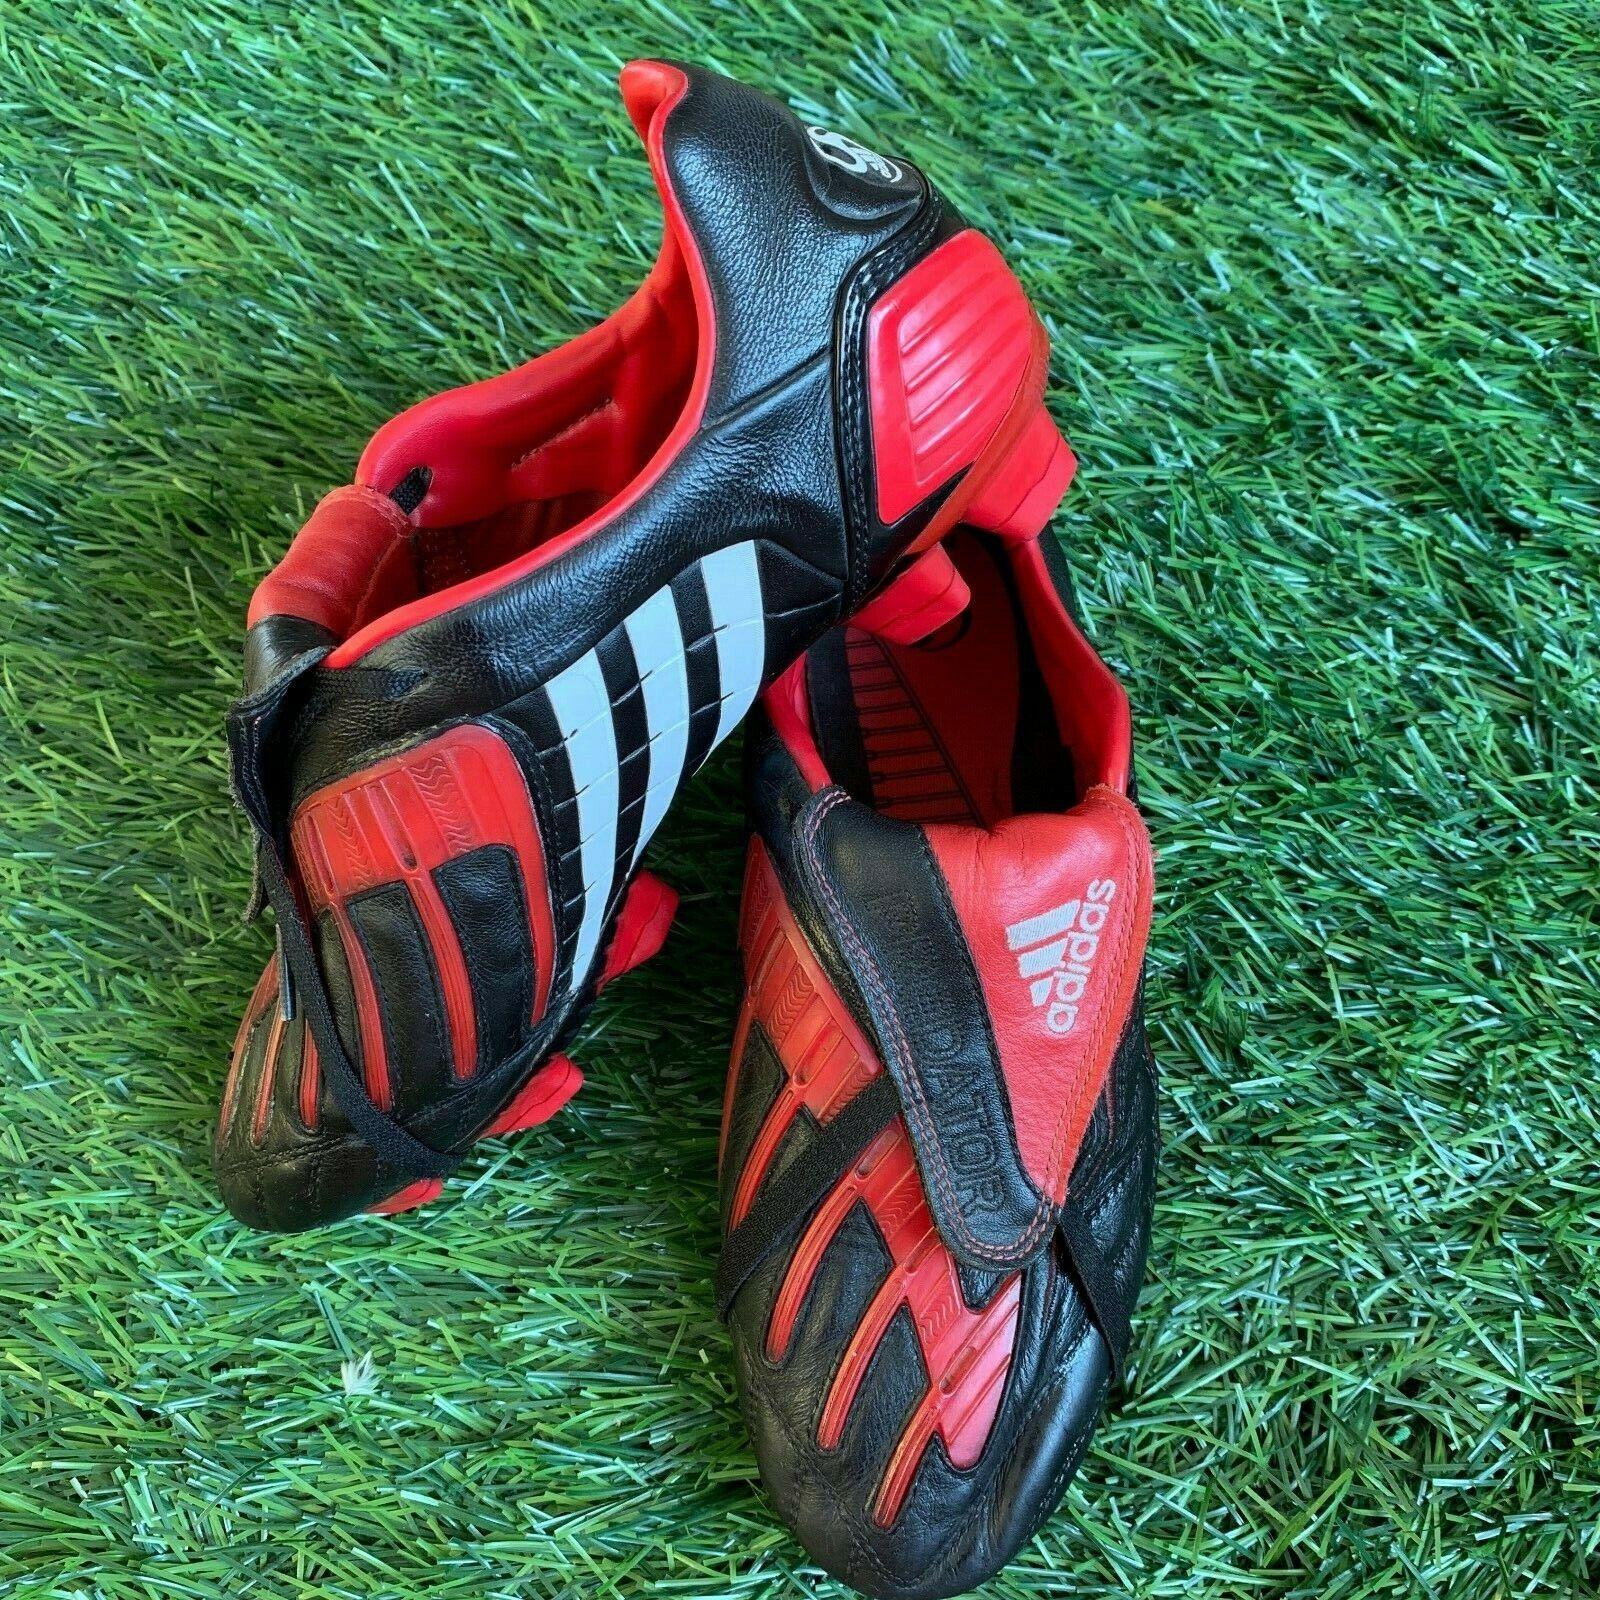 Adidas Prossoator energiaswerve Absolion TRX FG 012677 7,5US 7UK 2007 RARE USED